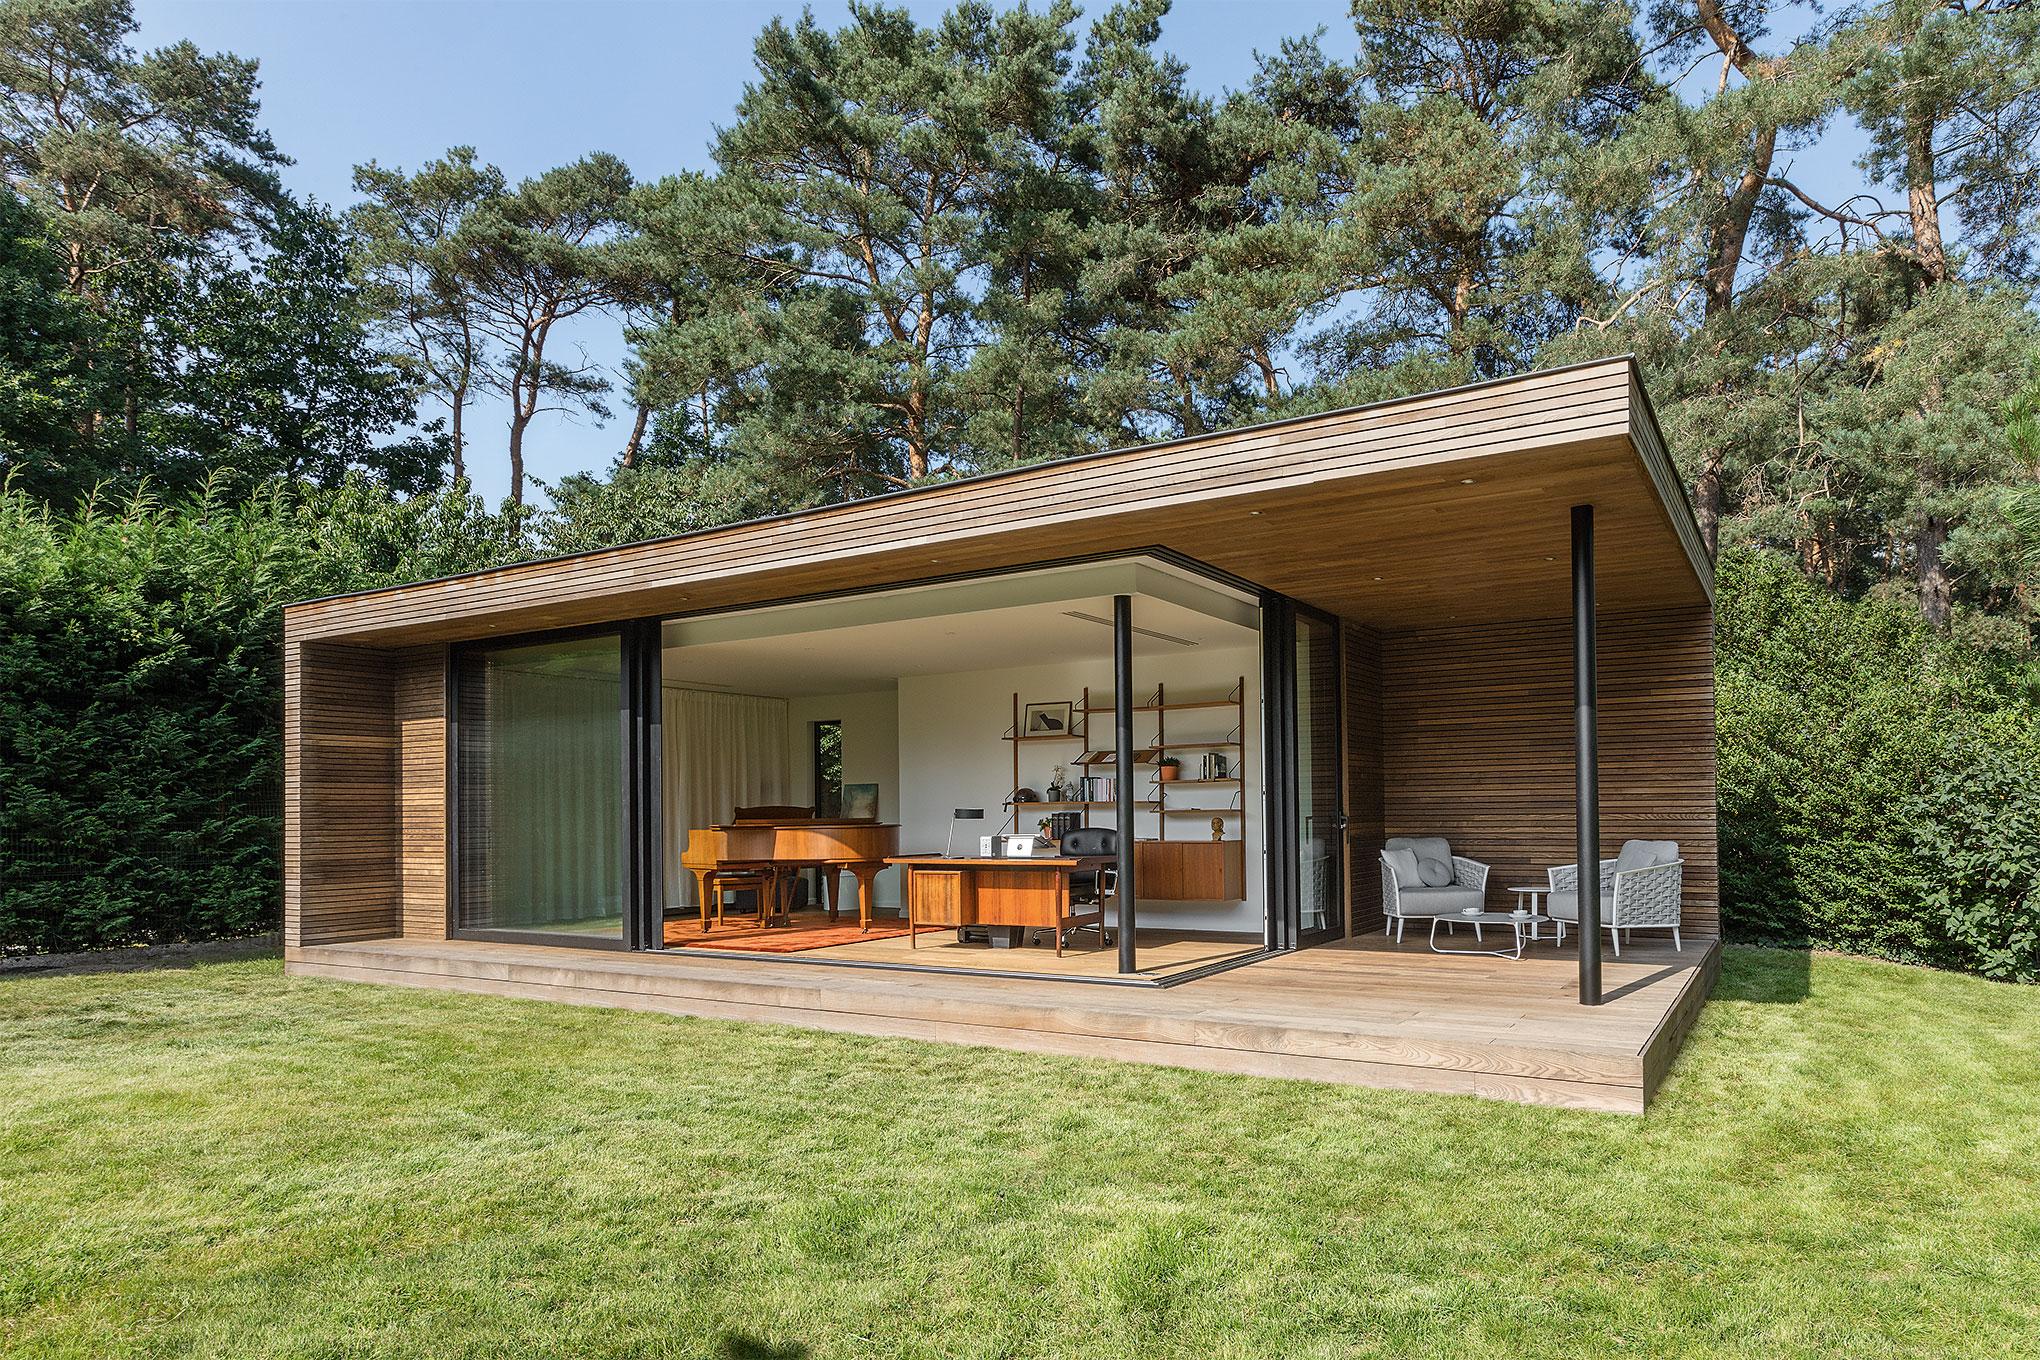 Contemporary Garden Office With Covered Patio Bonheiden